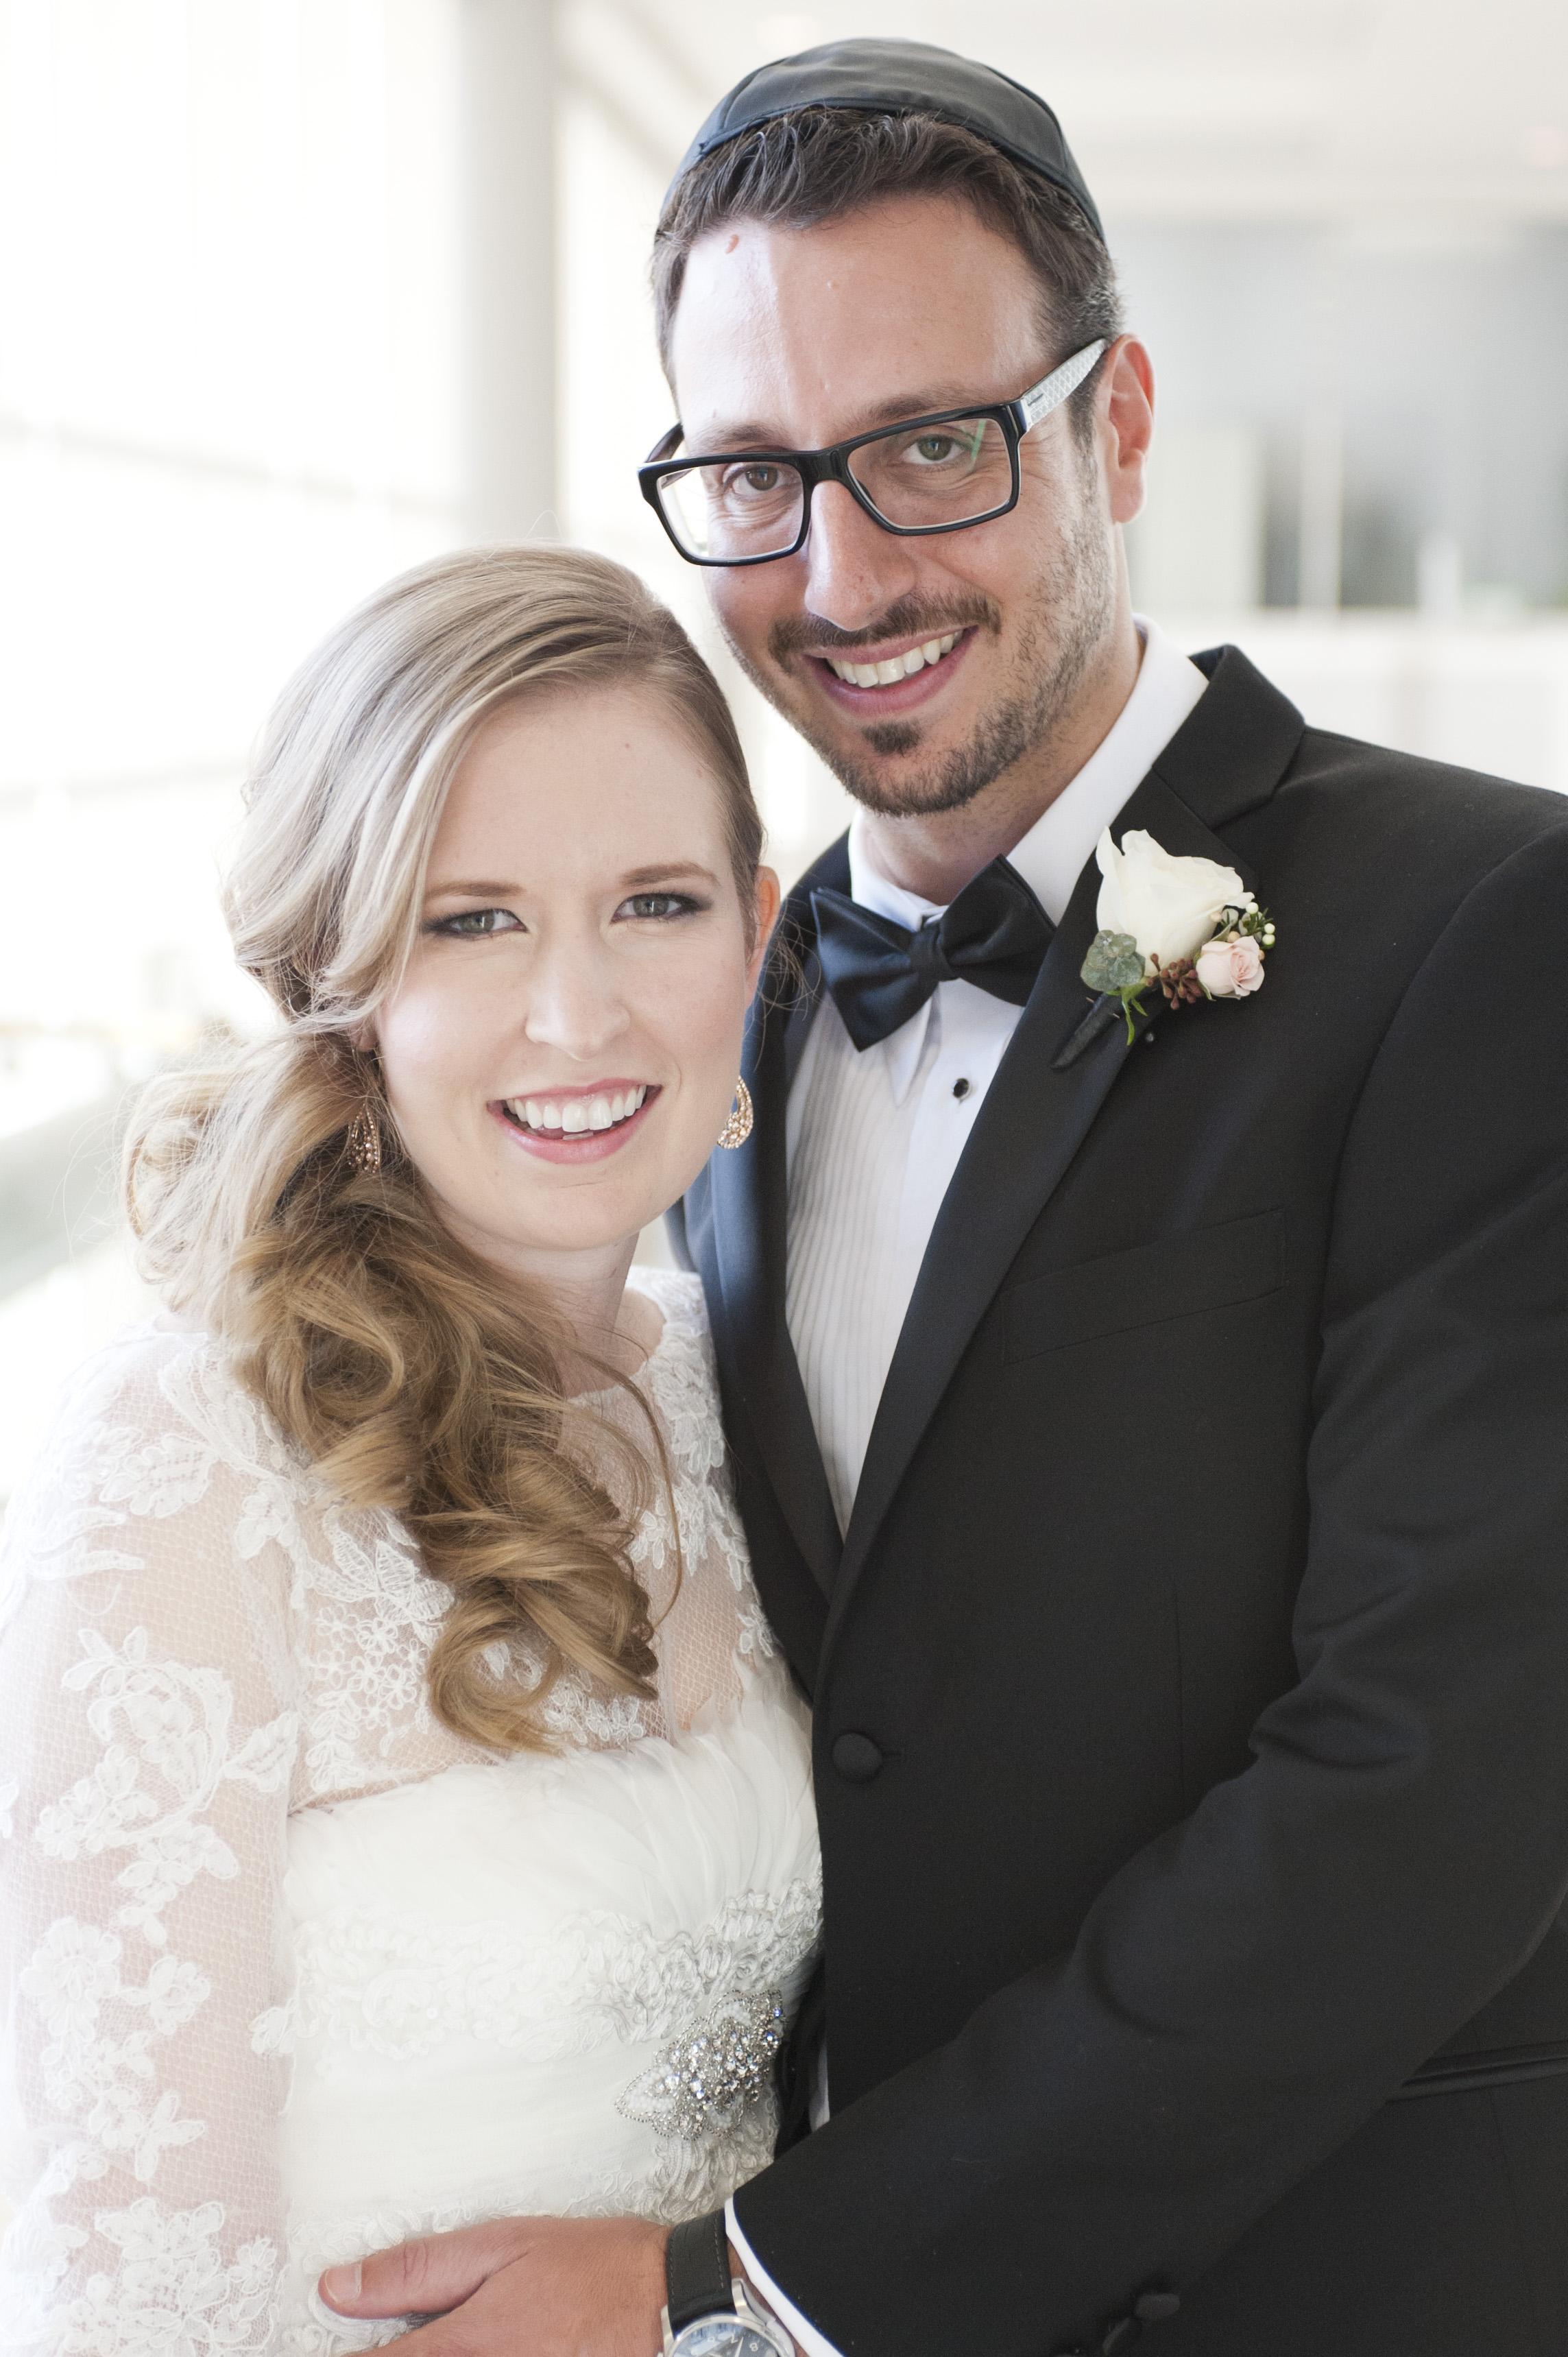 Jessica's Wedding